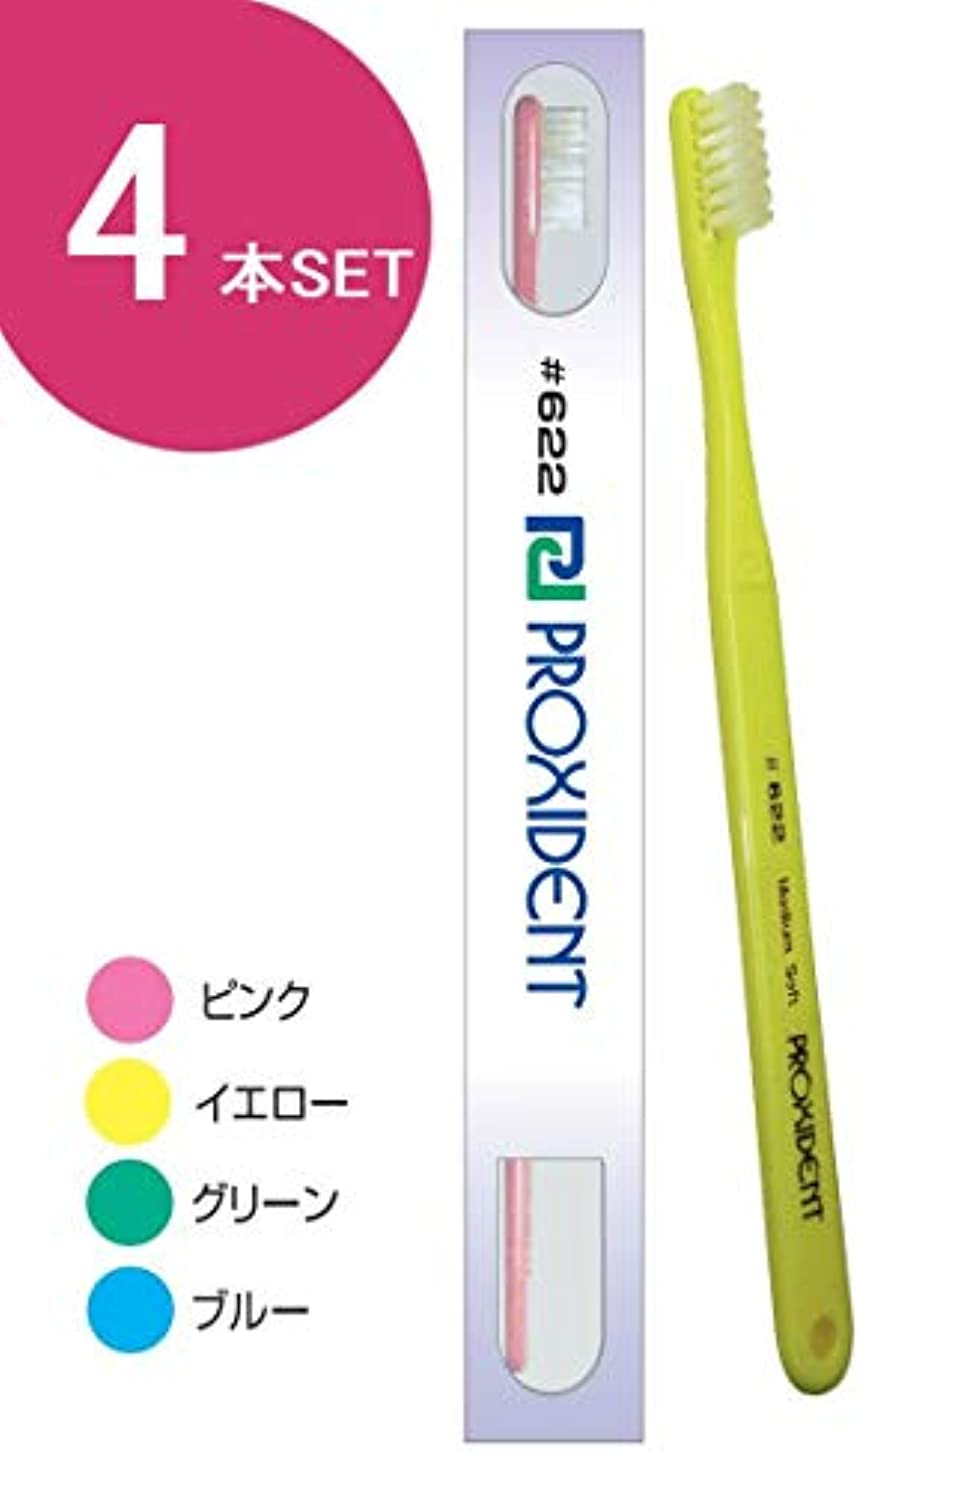 雑多な電化する支配的プローデント プロキシデント コンパクトヘッド MS(ミディアムソフト) 歯ブラシ #622 (4本)